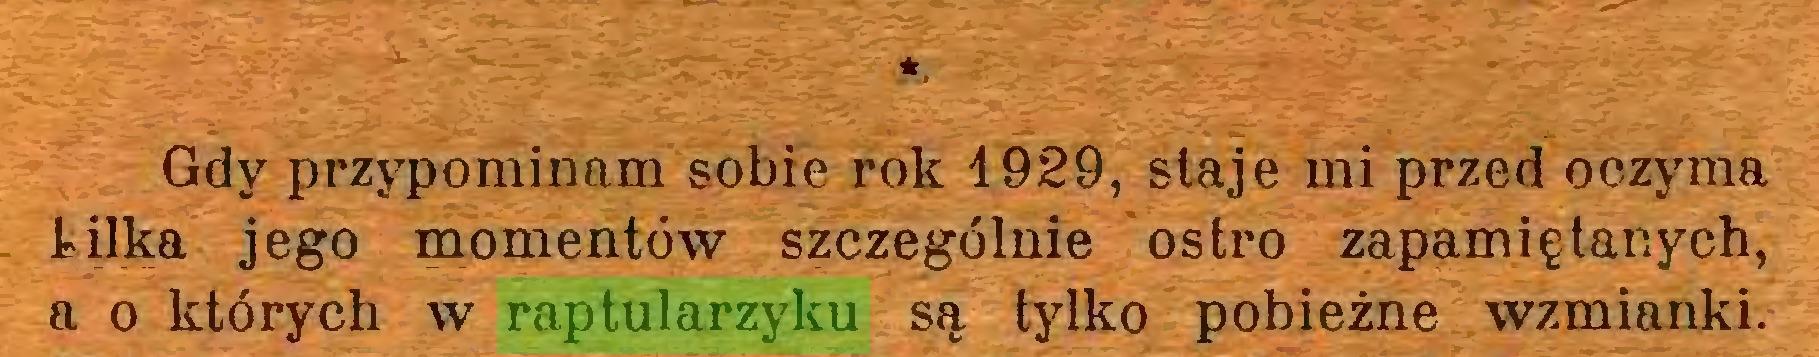 (...) *t Gdy przypominam sobie rok 1929, staje mi przed oczyma kilka jego momentów szczególnie ostro zapamiętanych, a o których w raptularzyku są tylko pobieżne wzmianki...